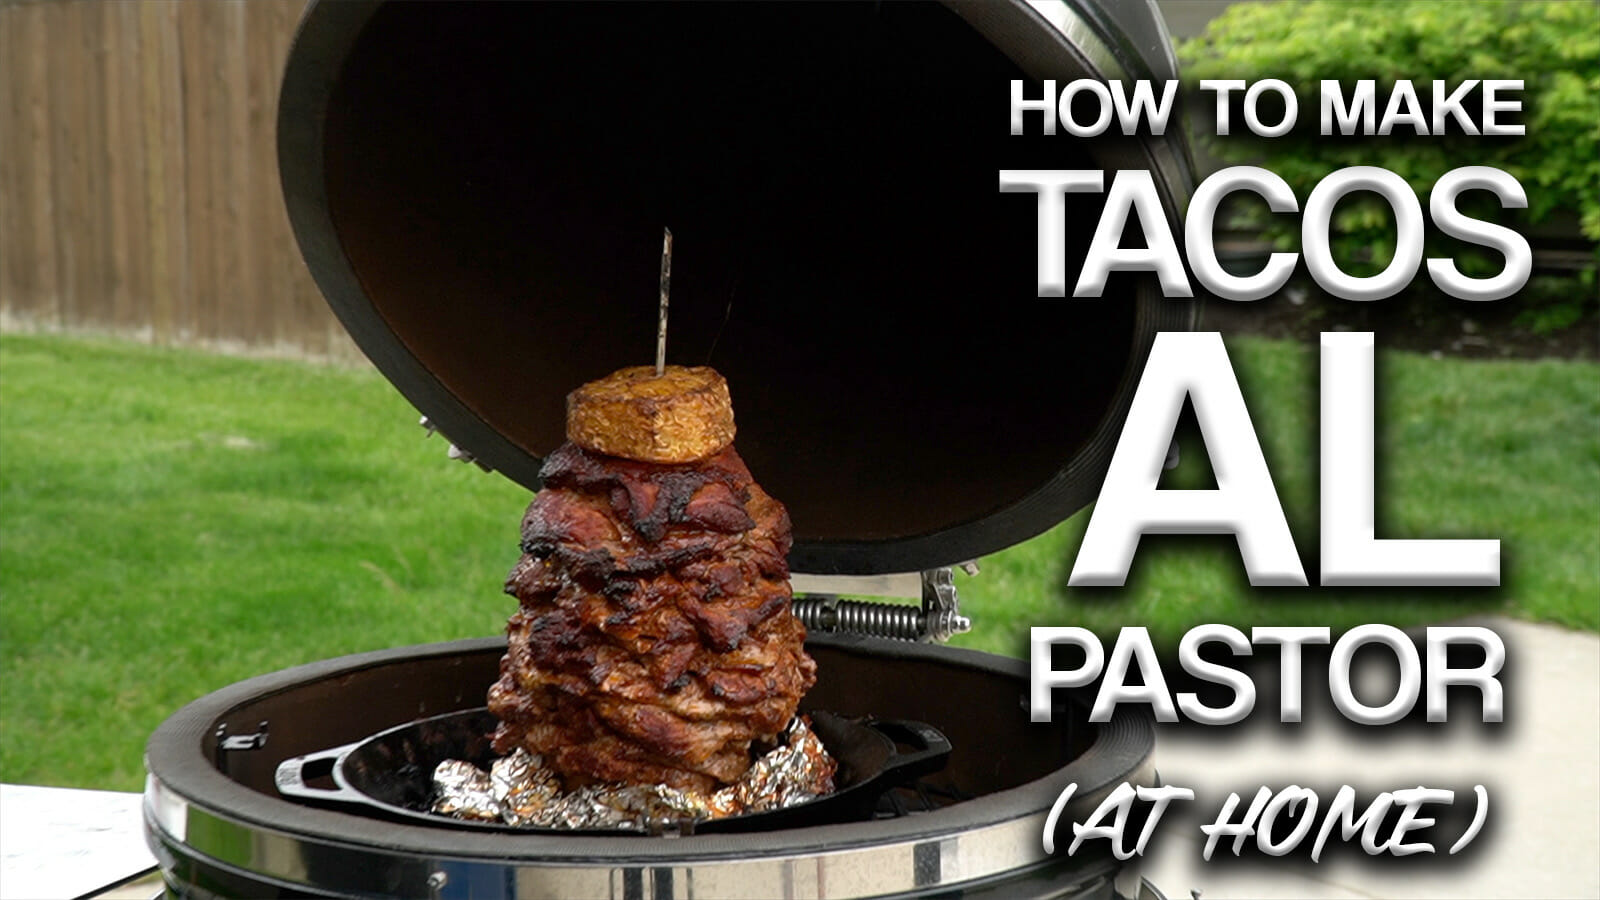 tacos al pastor title image